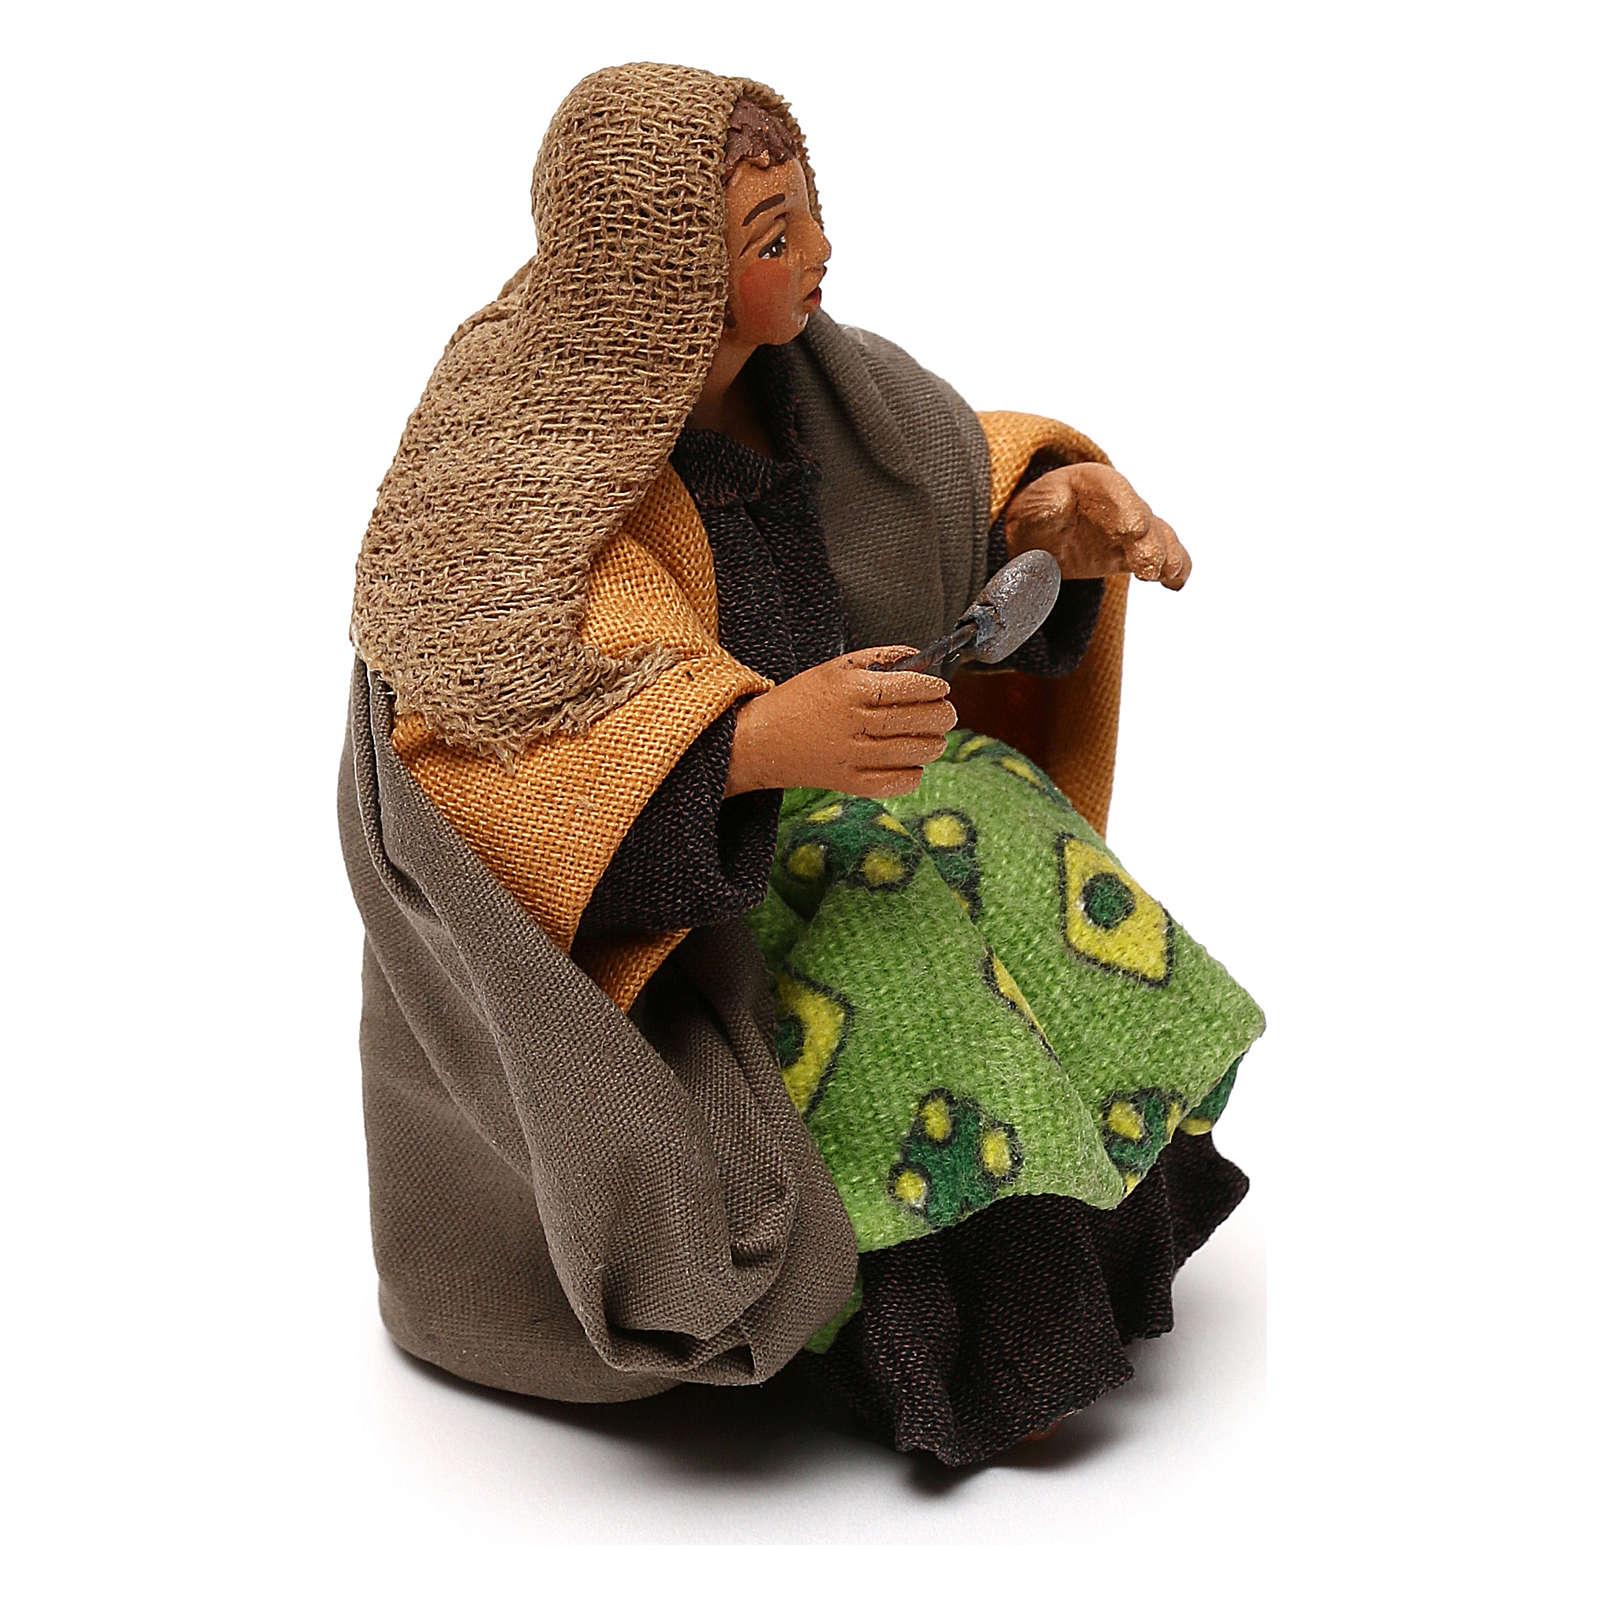 STOCK Donna seduta vestita con cucchiaio in terracotta cm 10 presepe napoletano 4